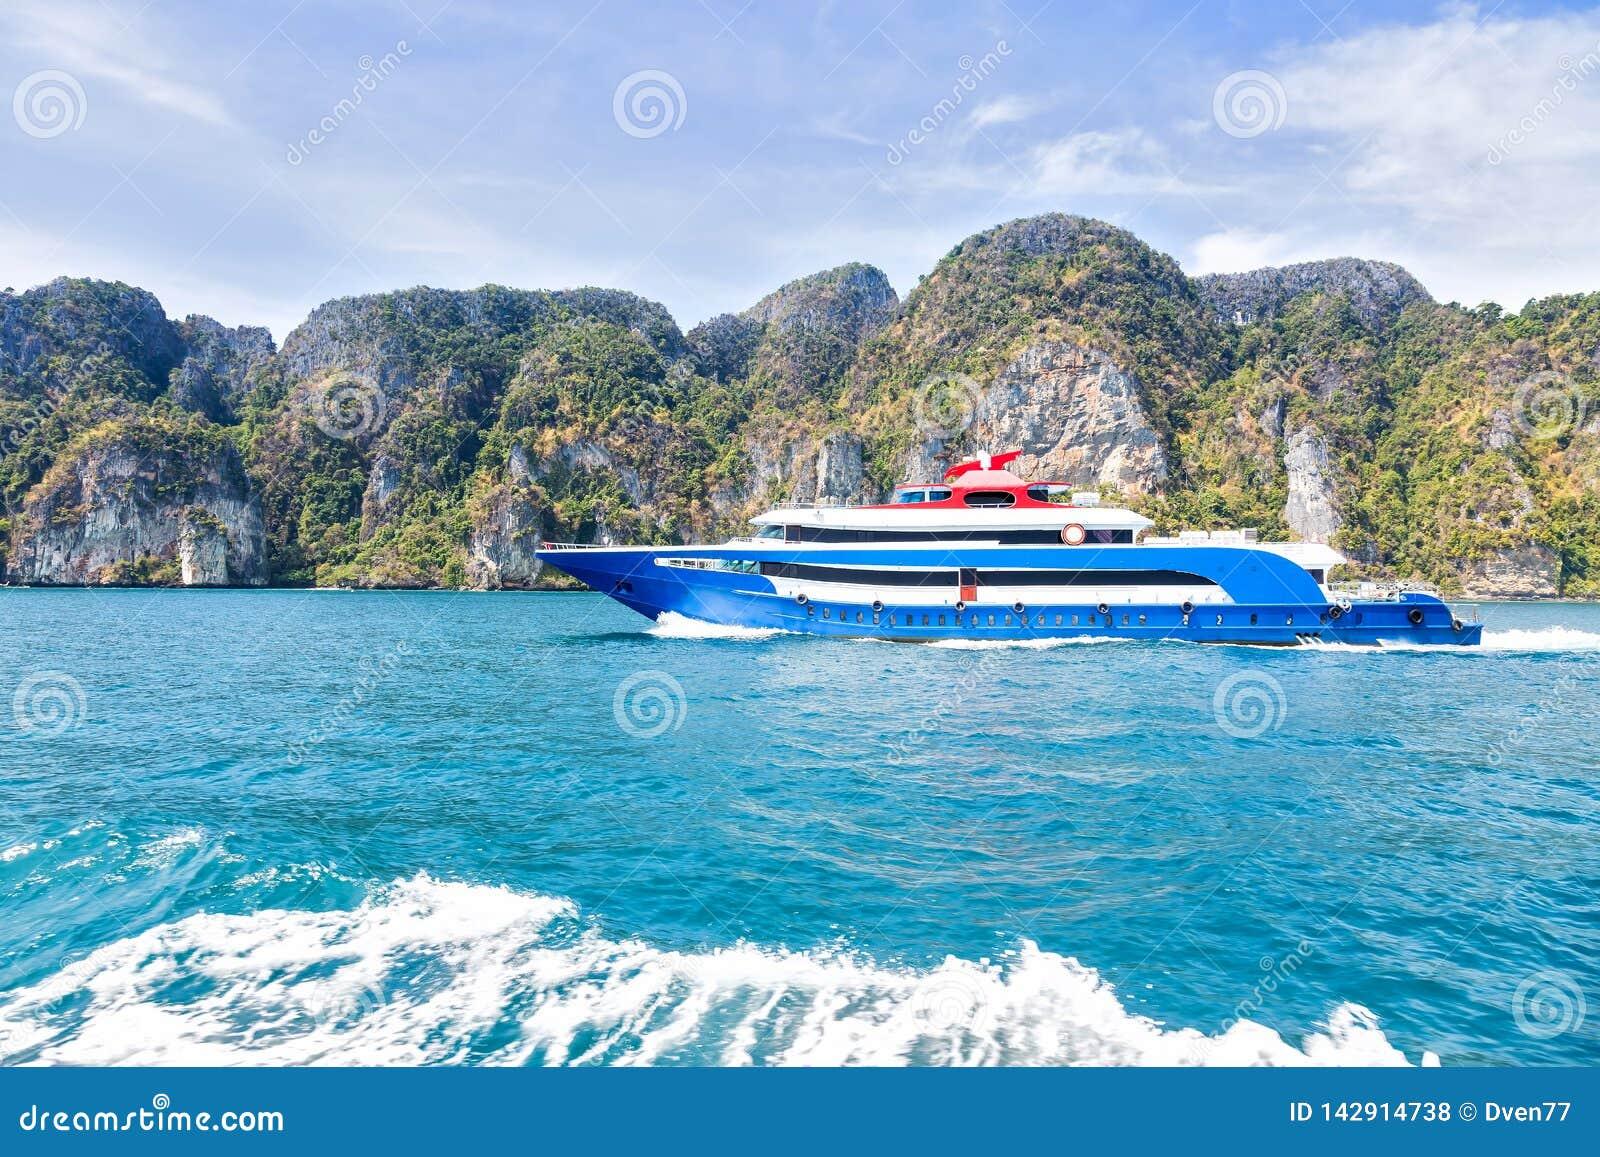 Синь с белой и красной шлюпкой скорости удовольствия акцентов Плавание на море против тропического острова горы Взгляд со стороны